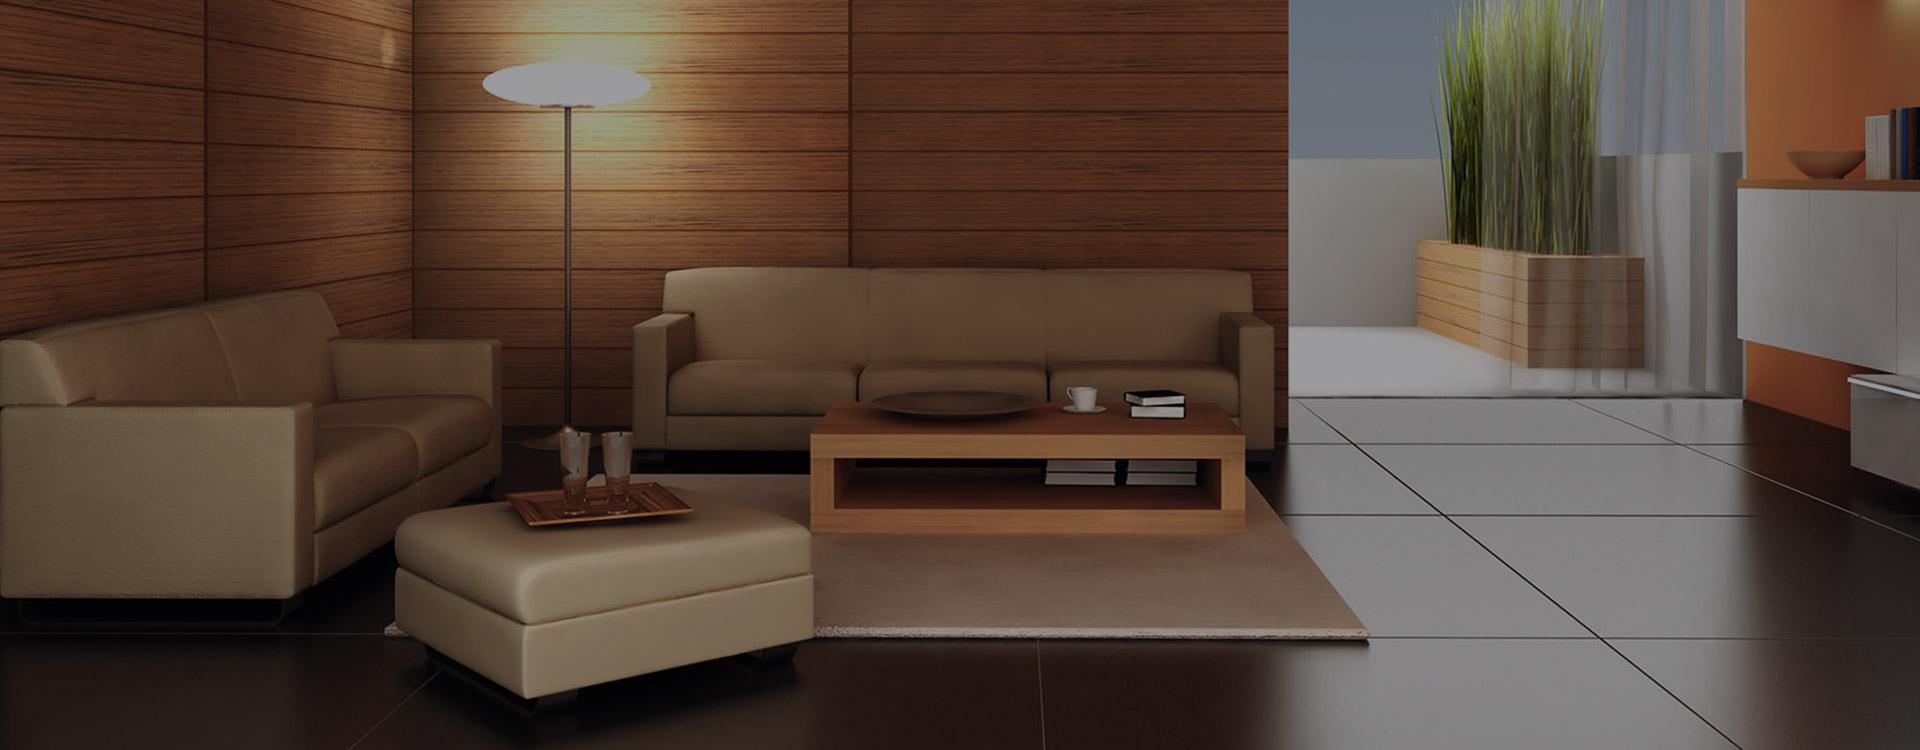 isolation thermique et phonique int rieure guilers dans le finist re. Black Bedroom Furniture Sets. Home Design Ideas